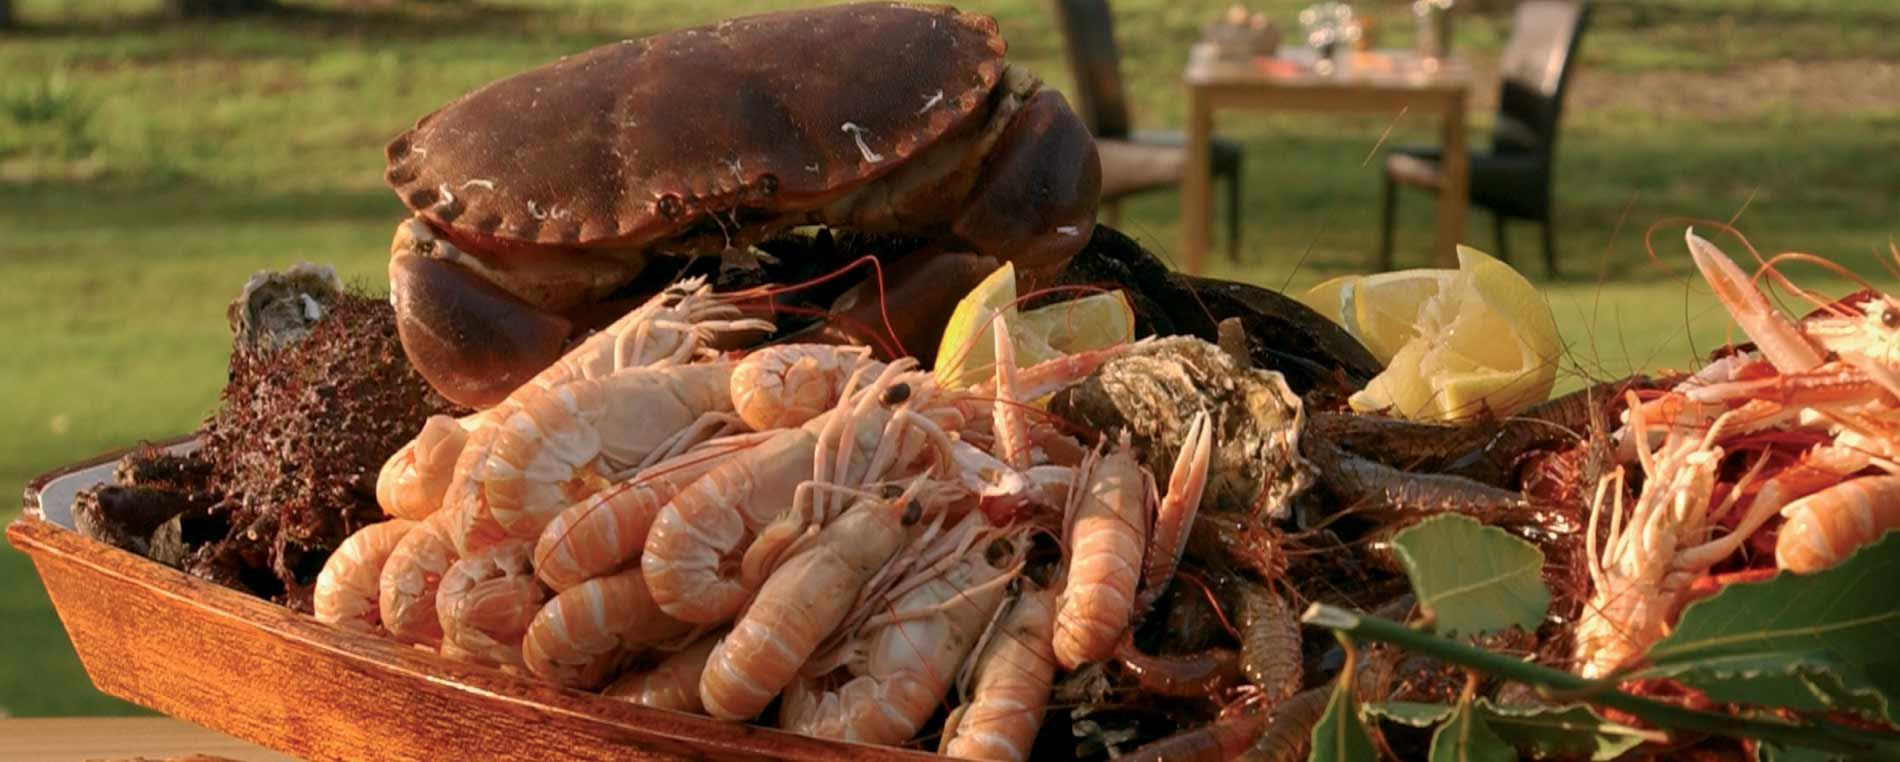 Un plateau de fruits de mer pour épater les amis